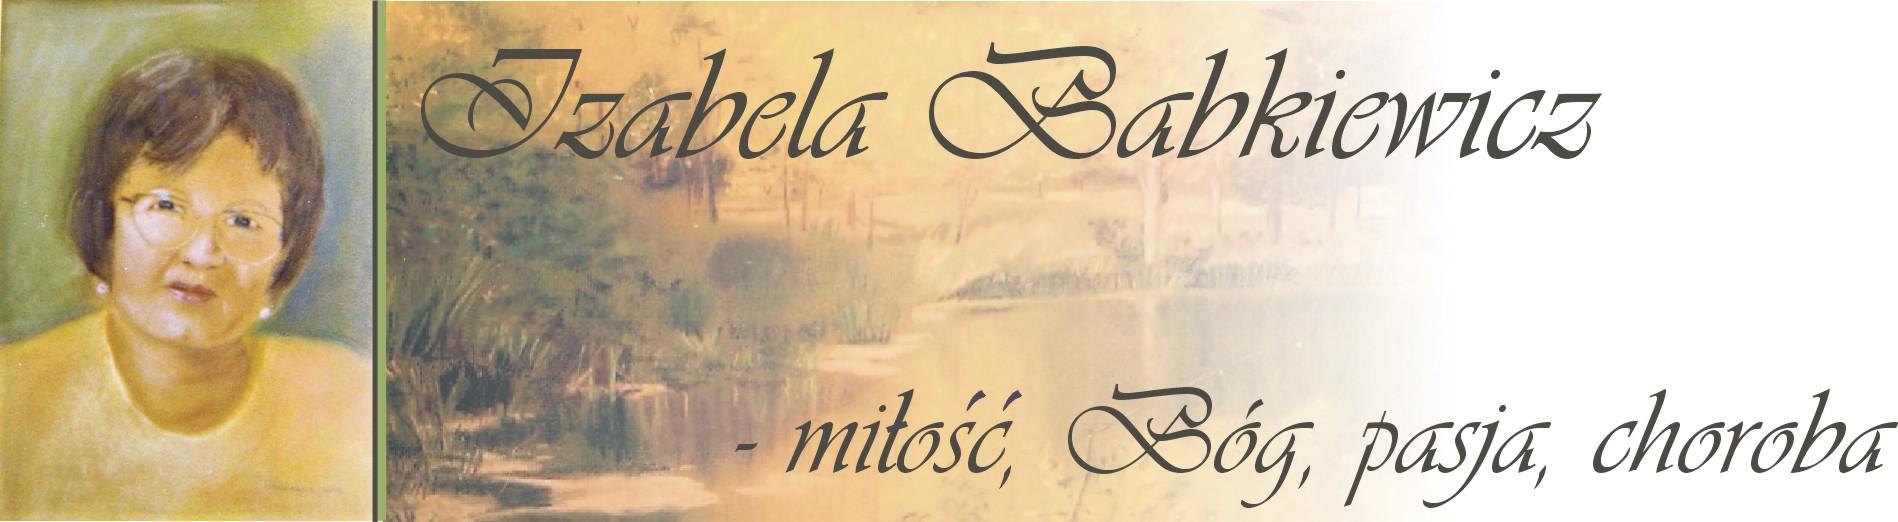 Izabela Babkiewicz